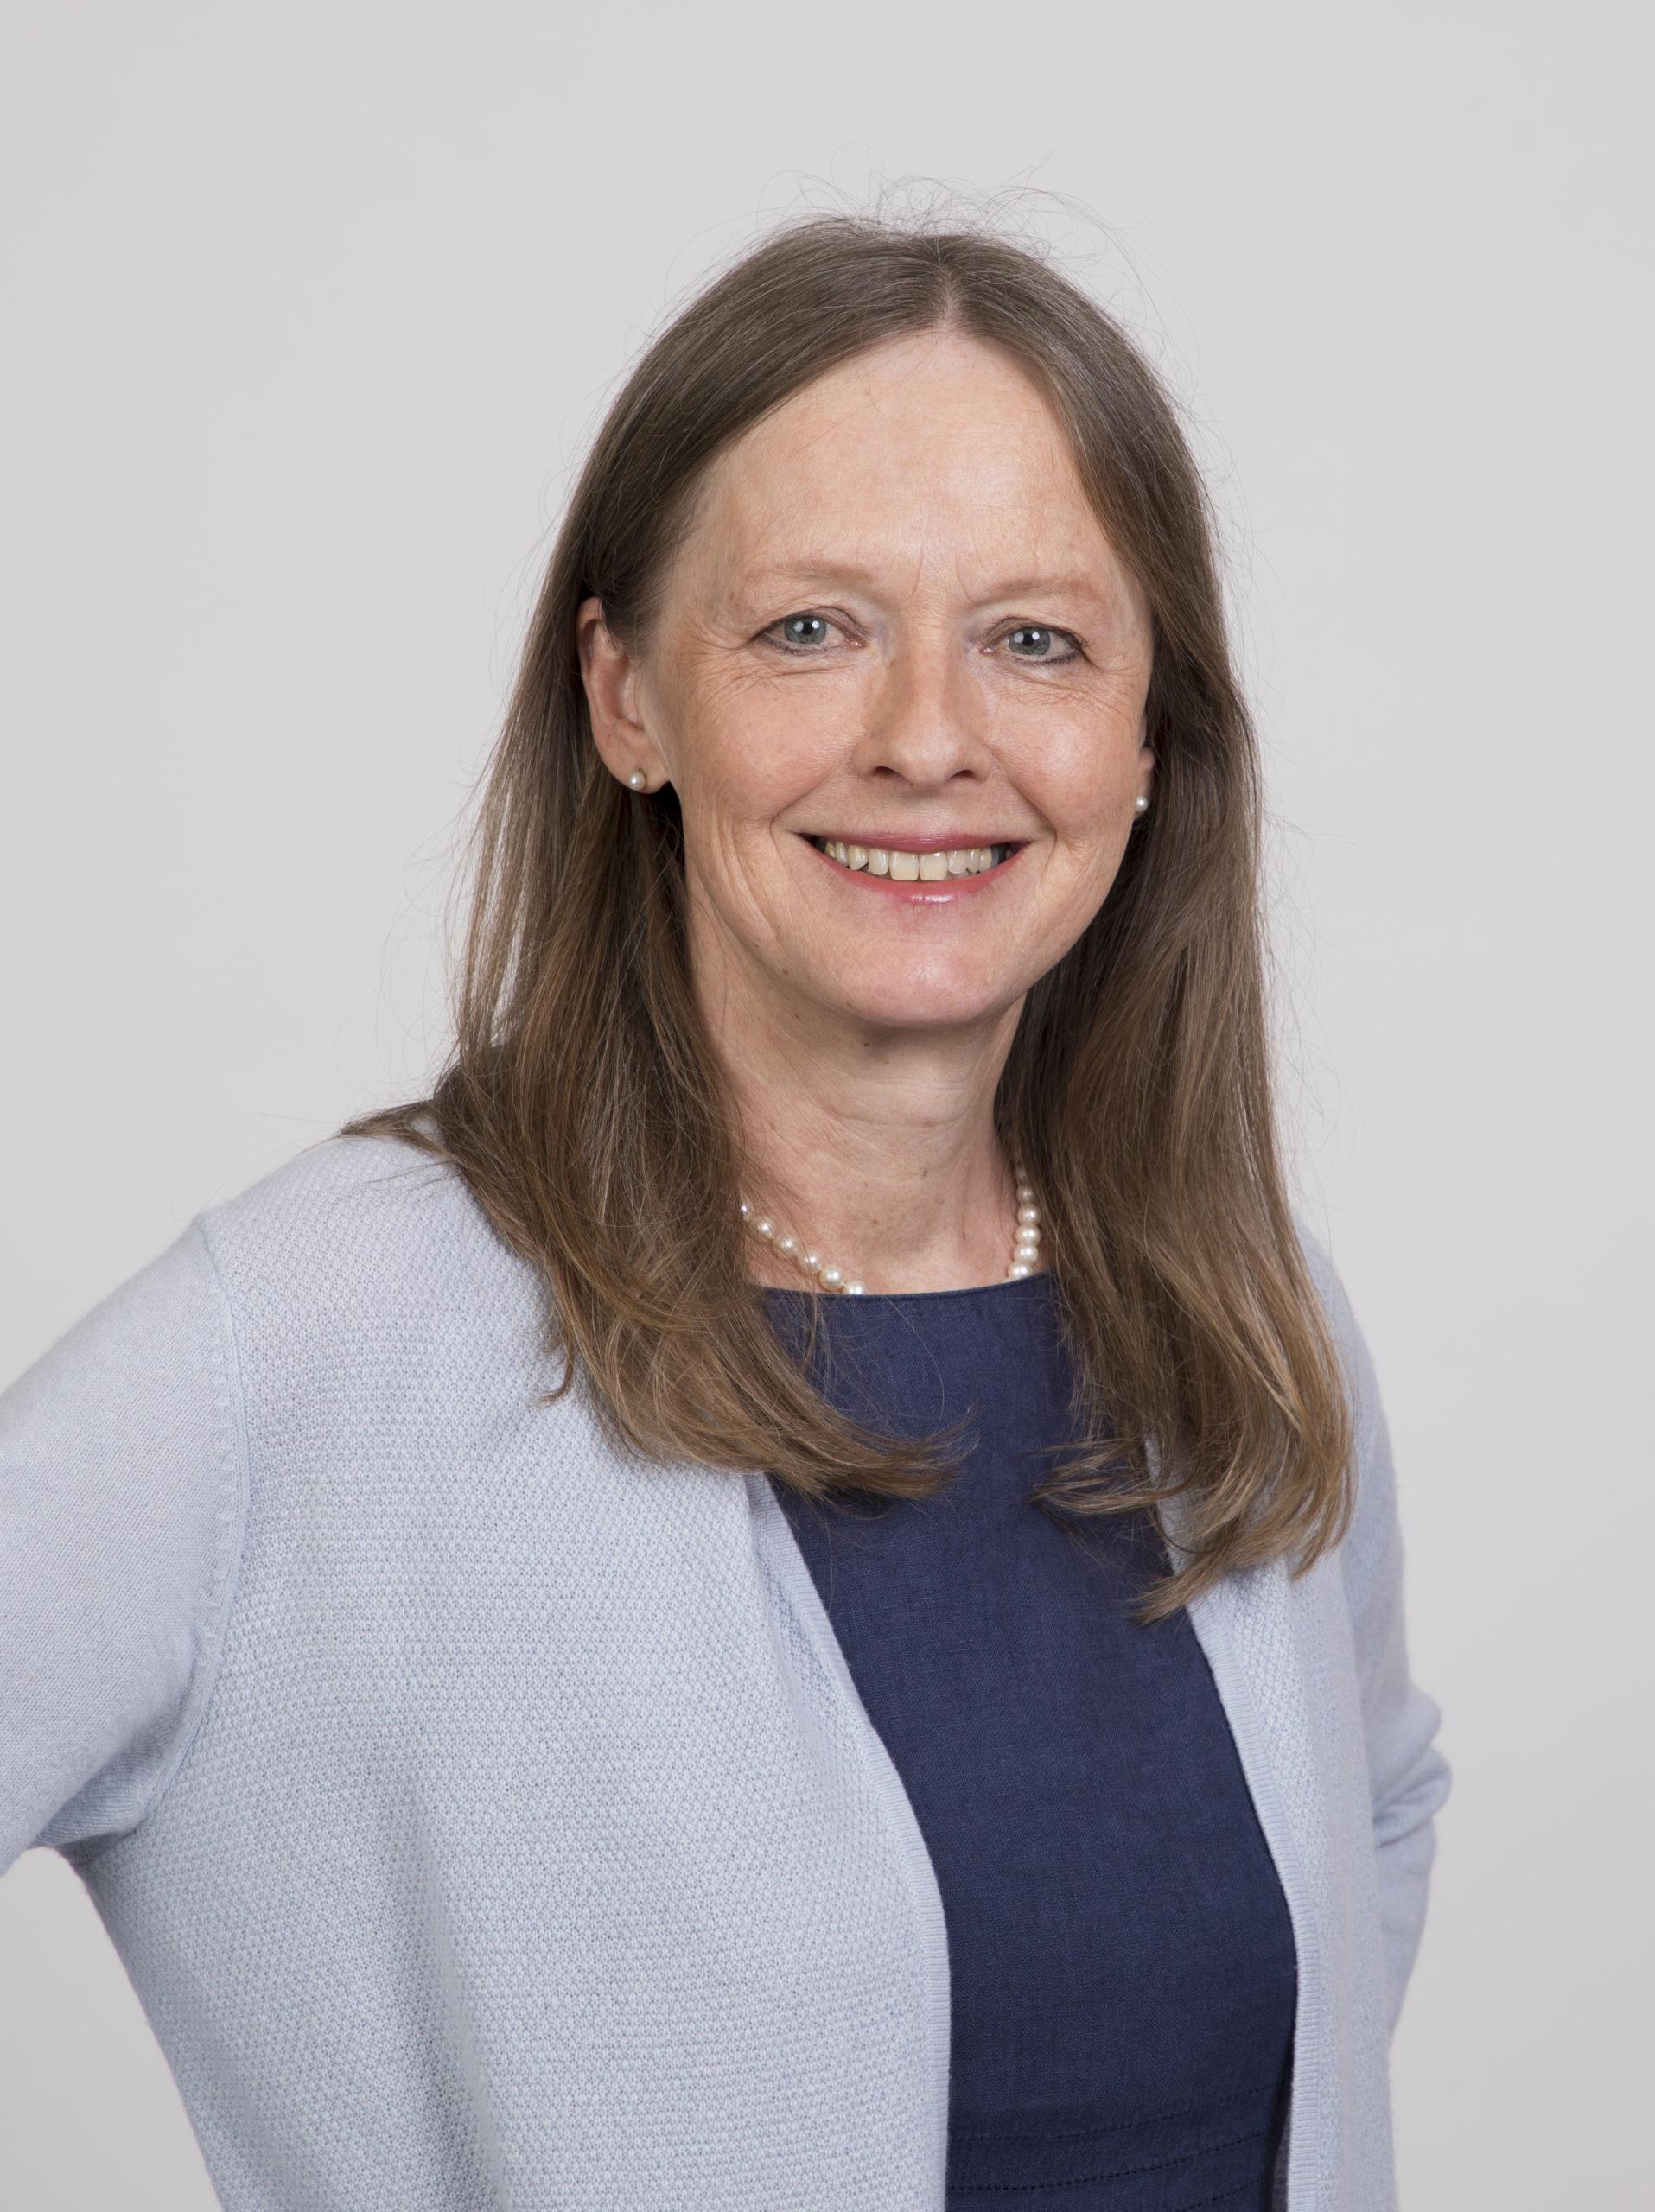 Martina Scheinecker